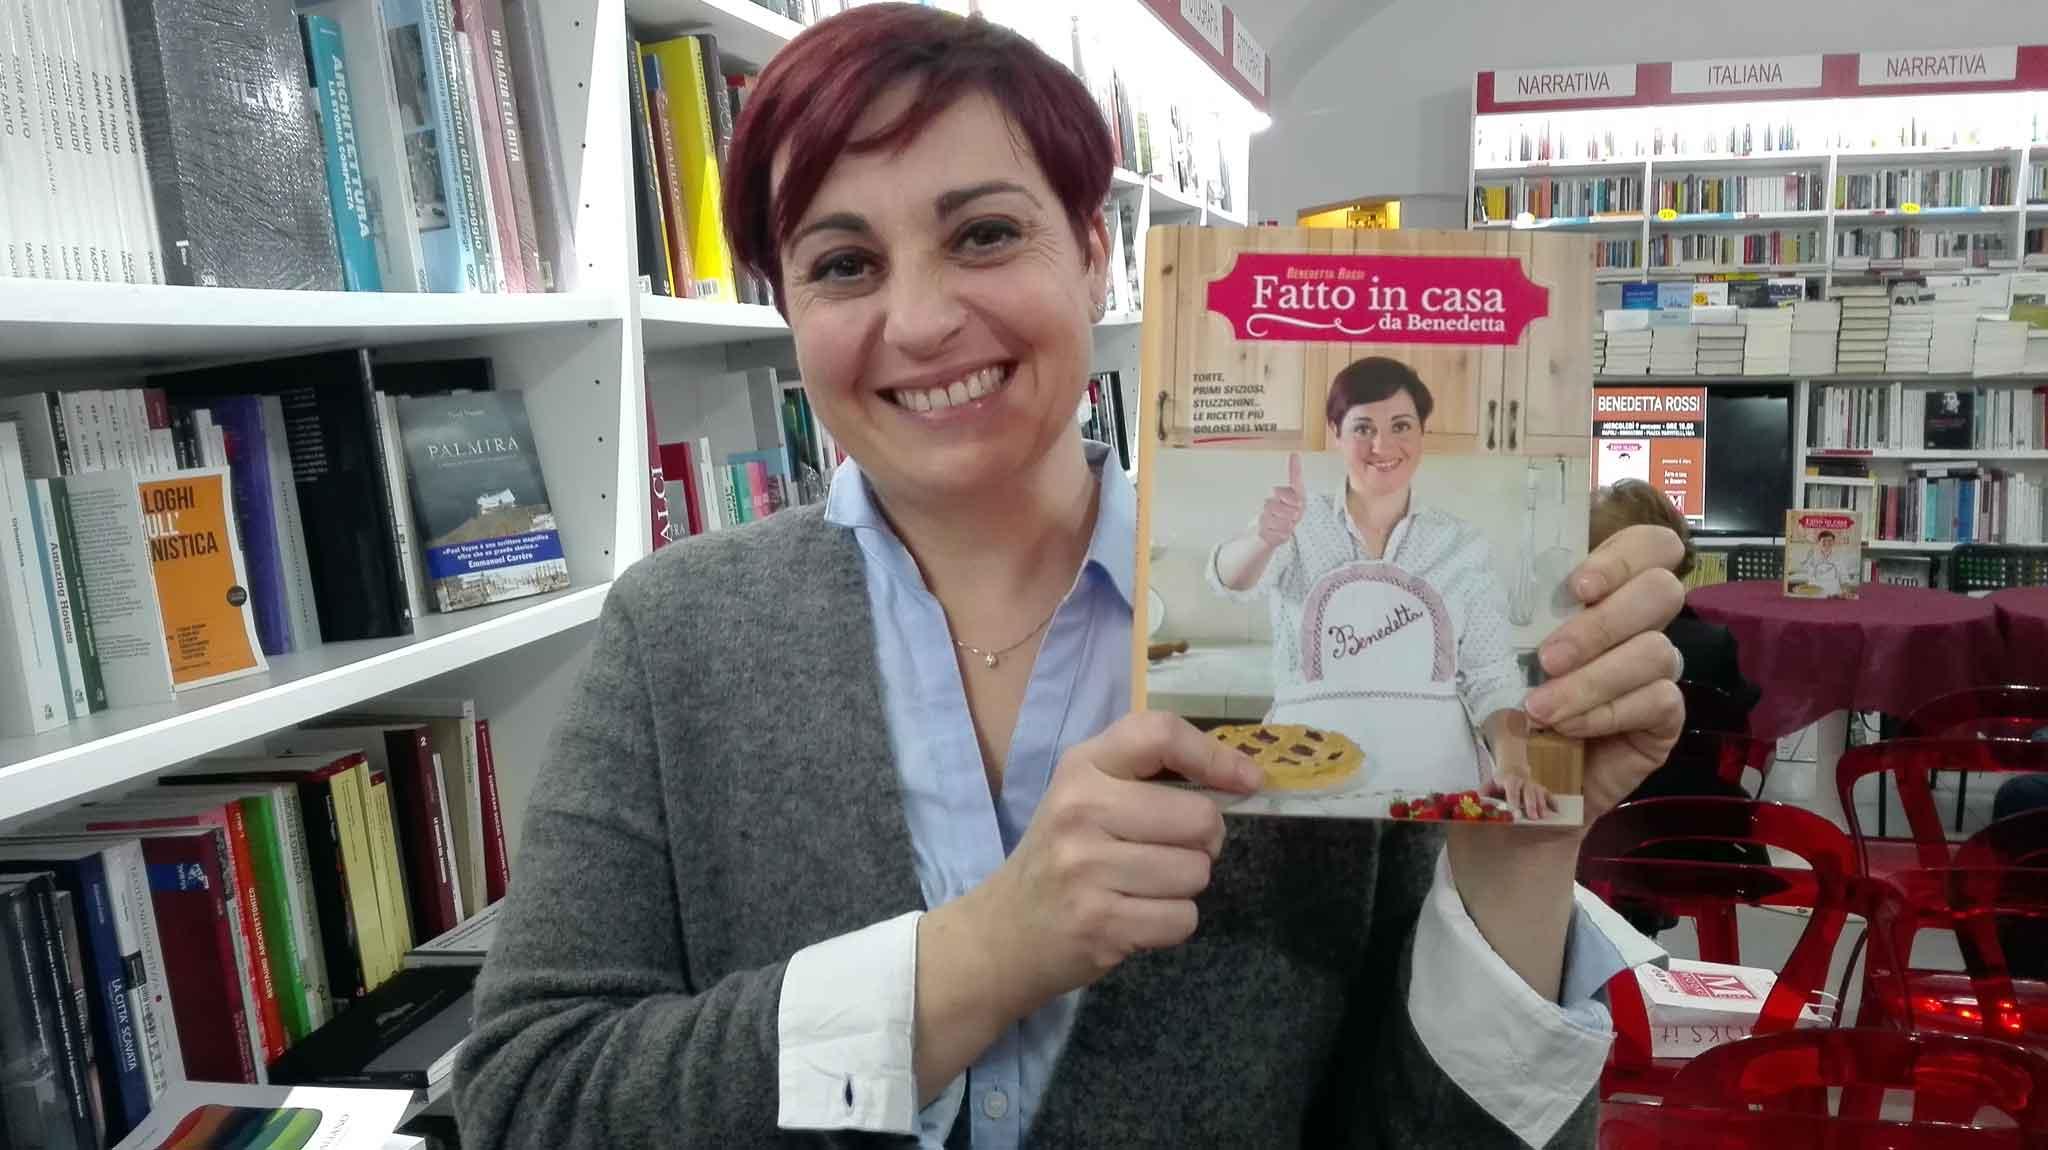 Fatto in casa da Benedetta le ricette che spopolano su YouTube in un libro